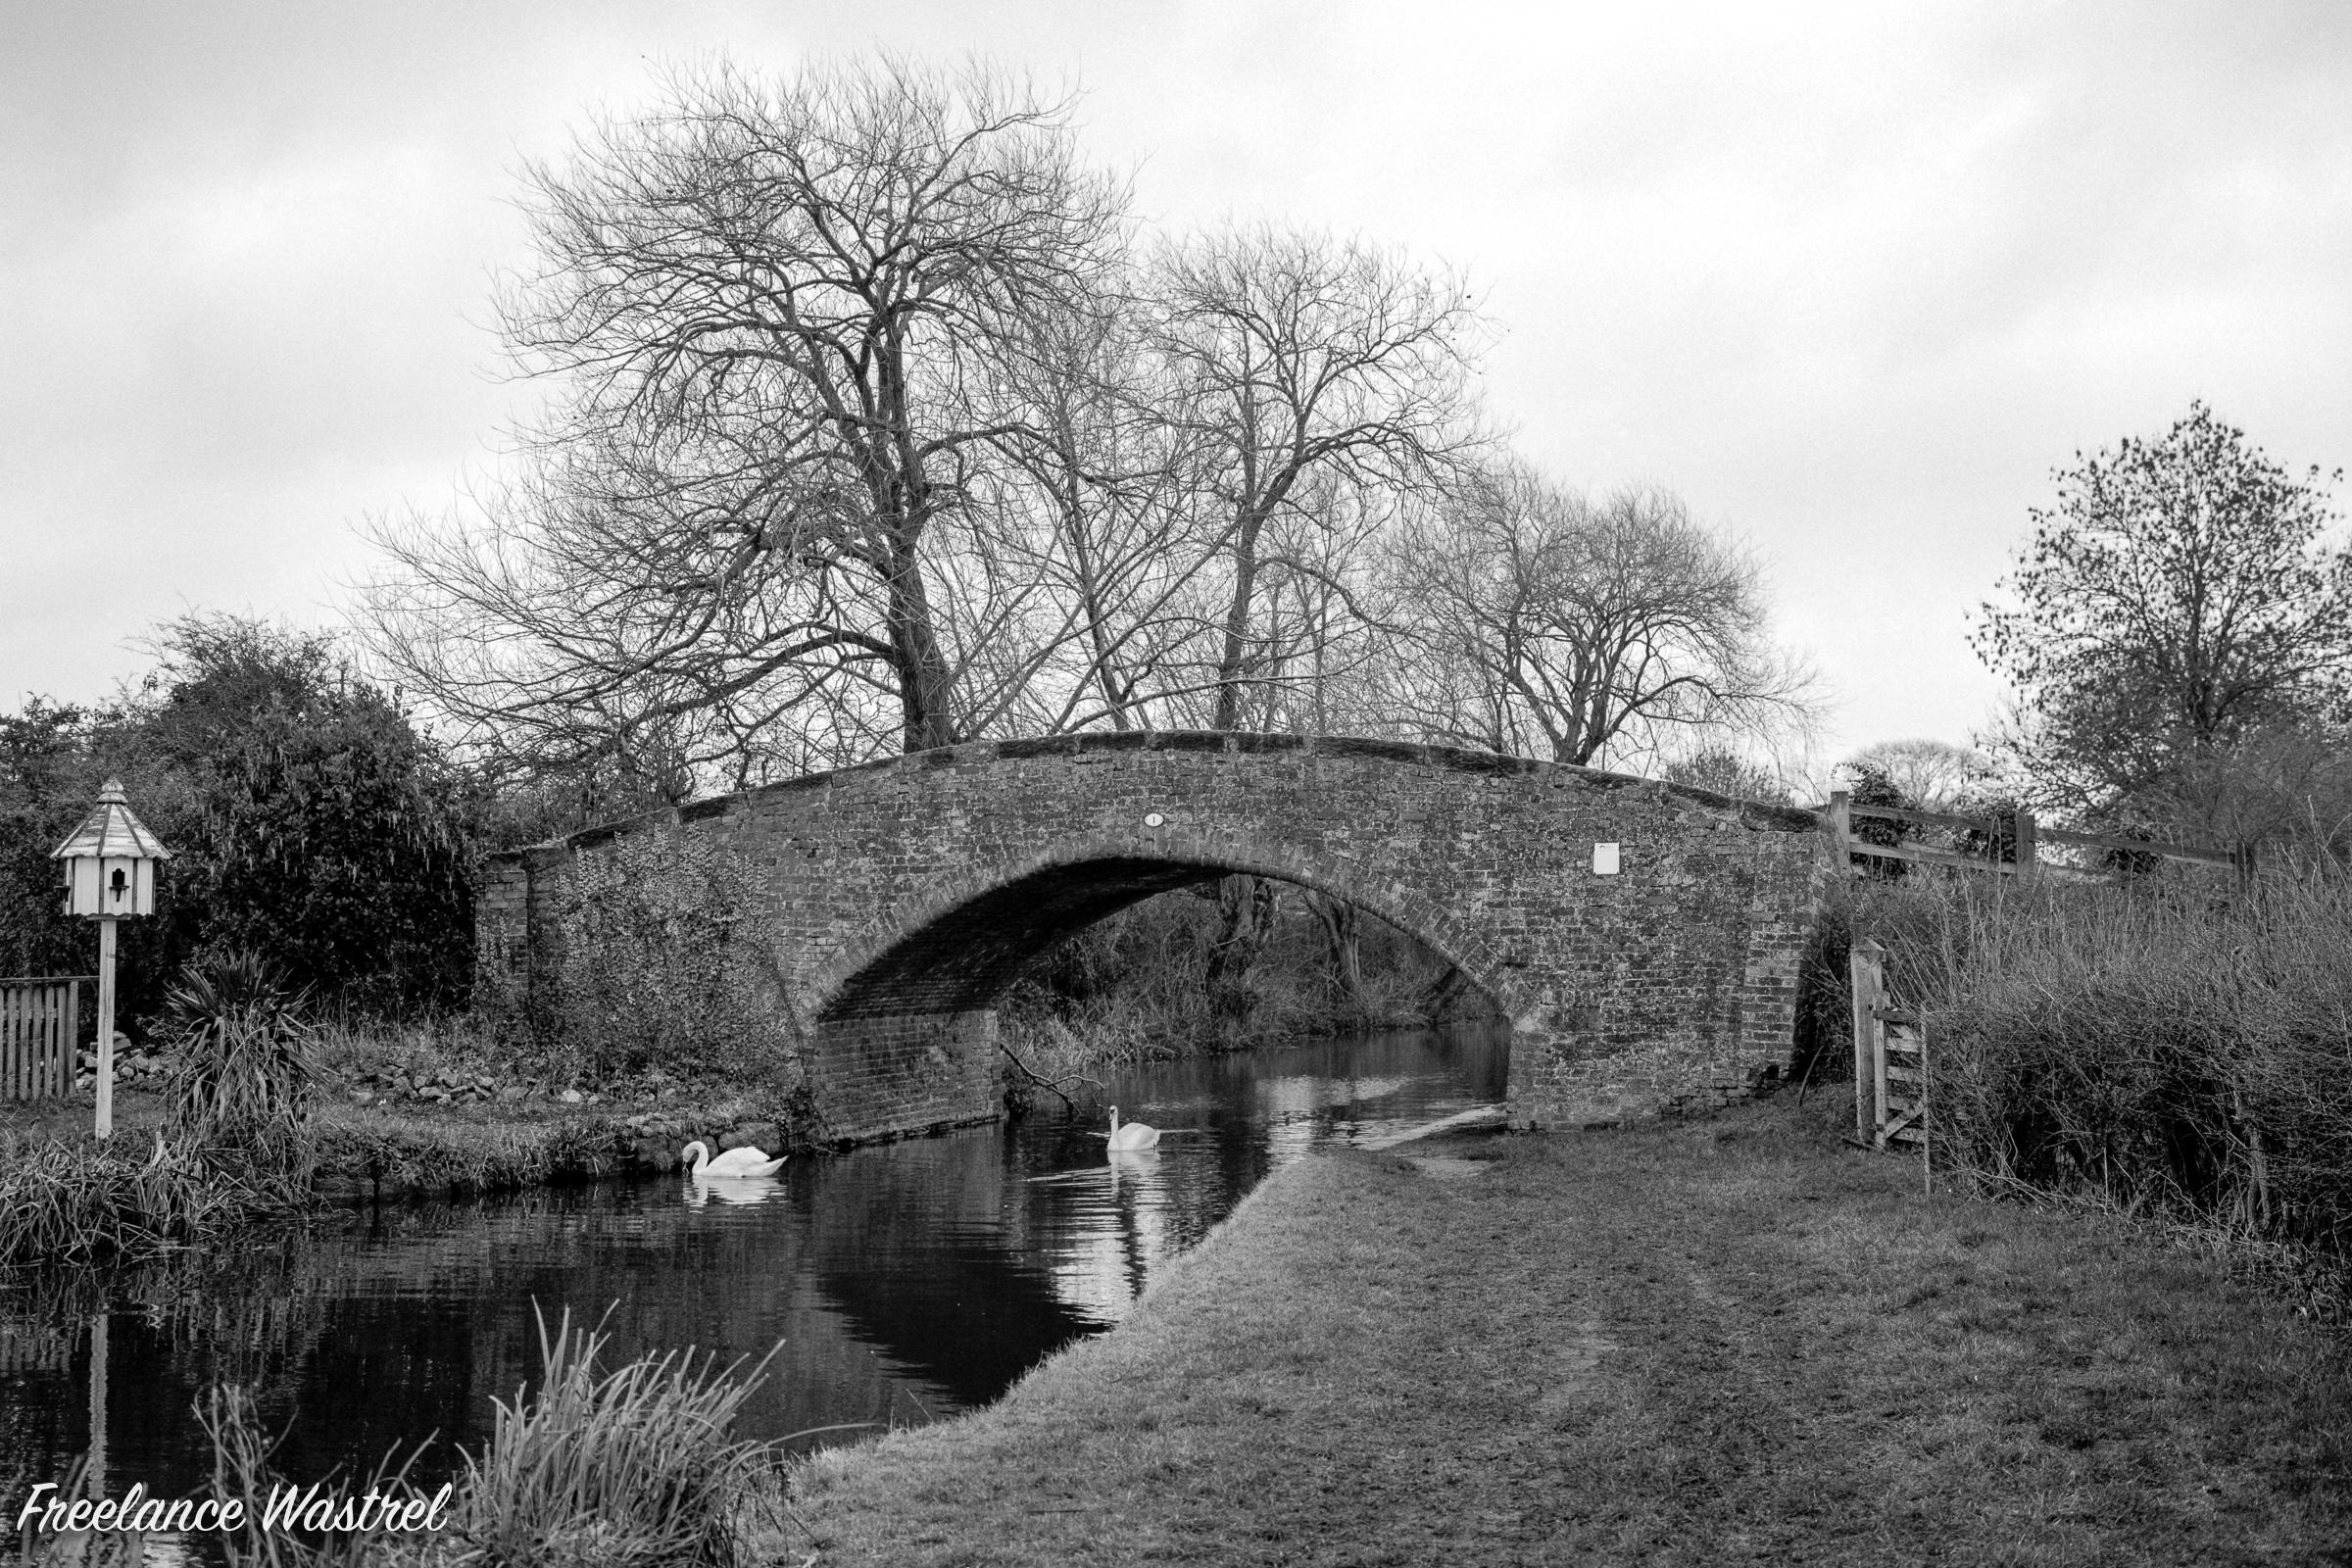 Porters Bridge, Trent & Mersey Canal